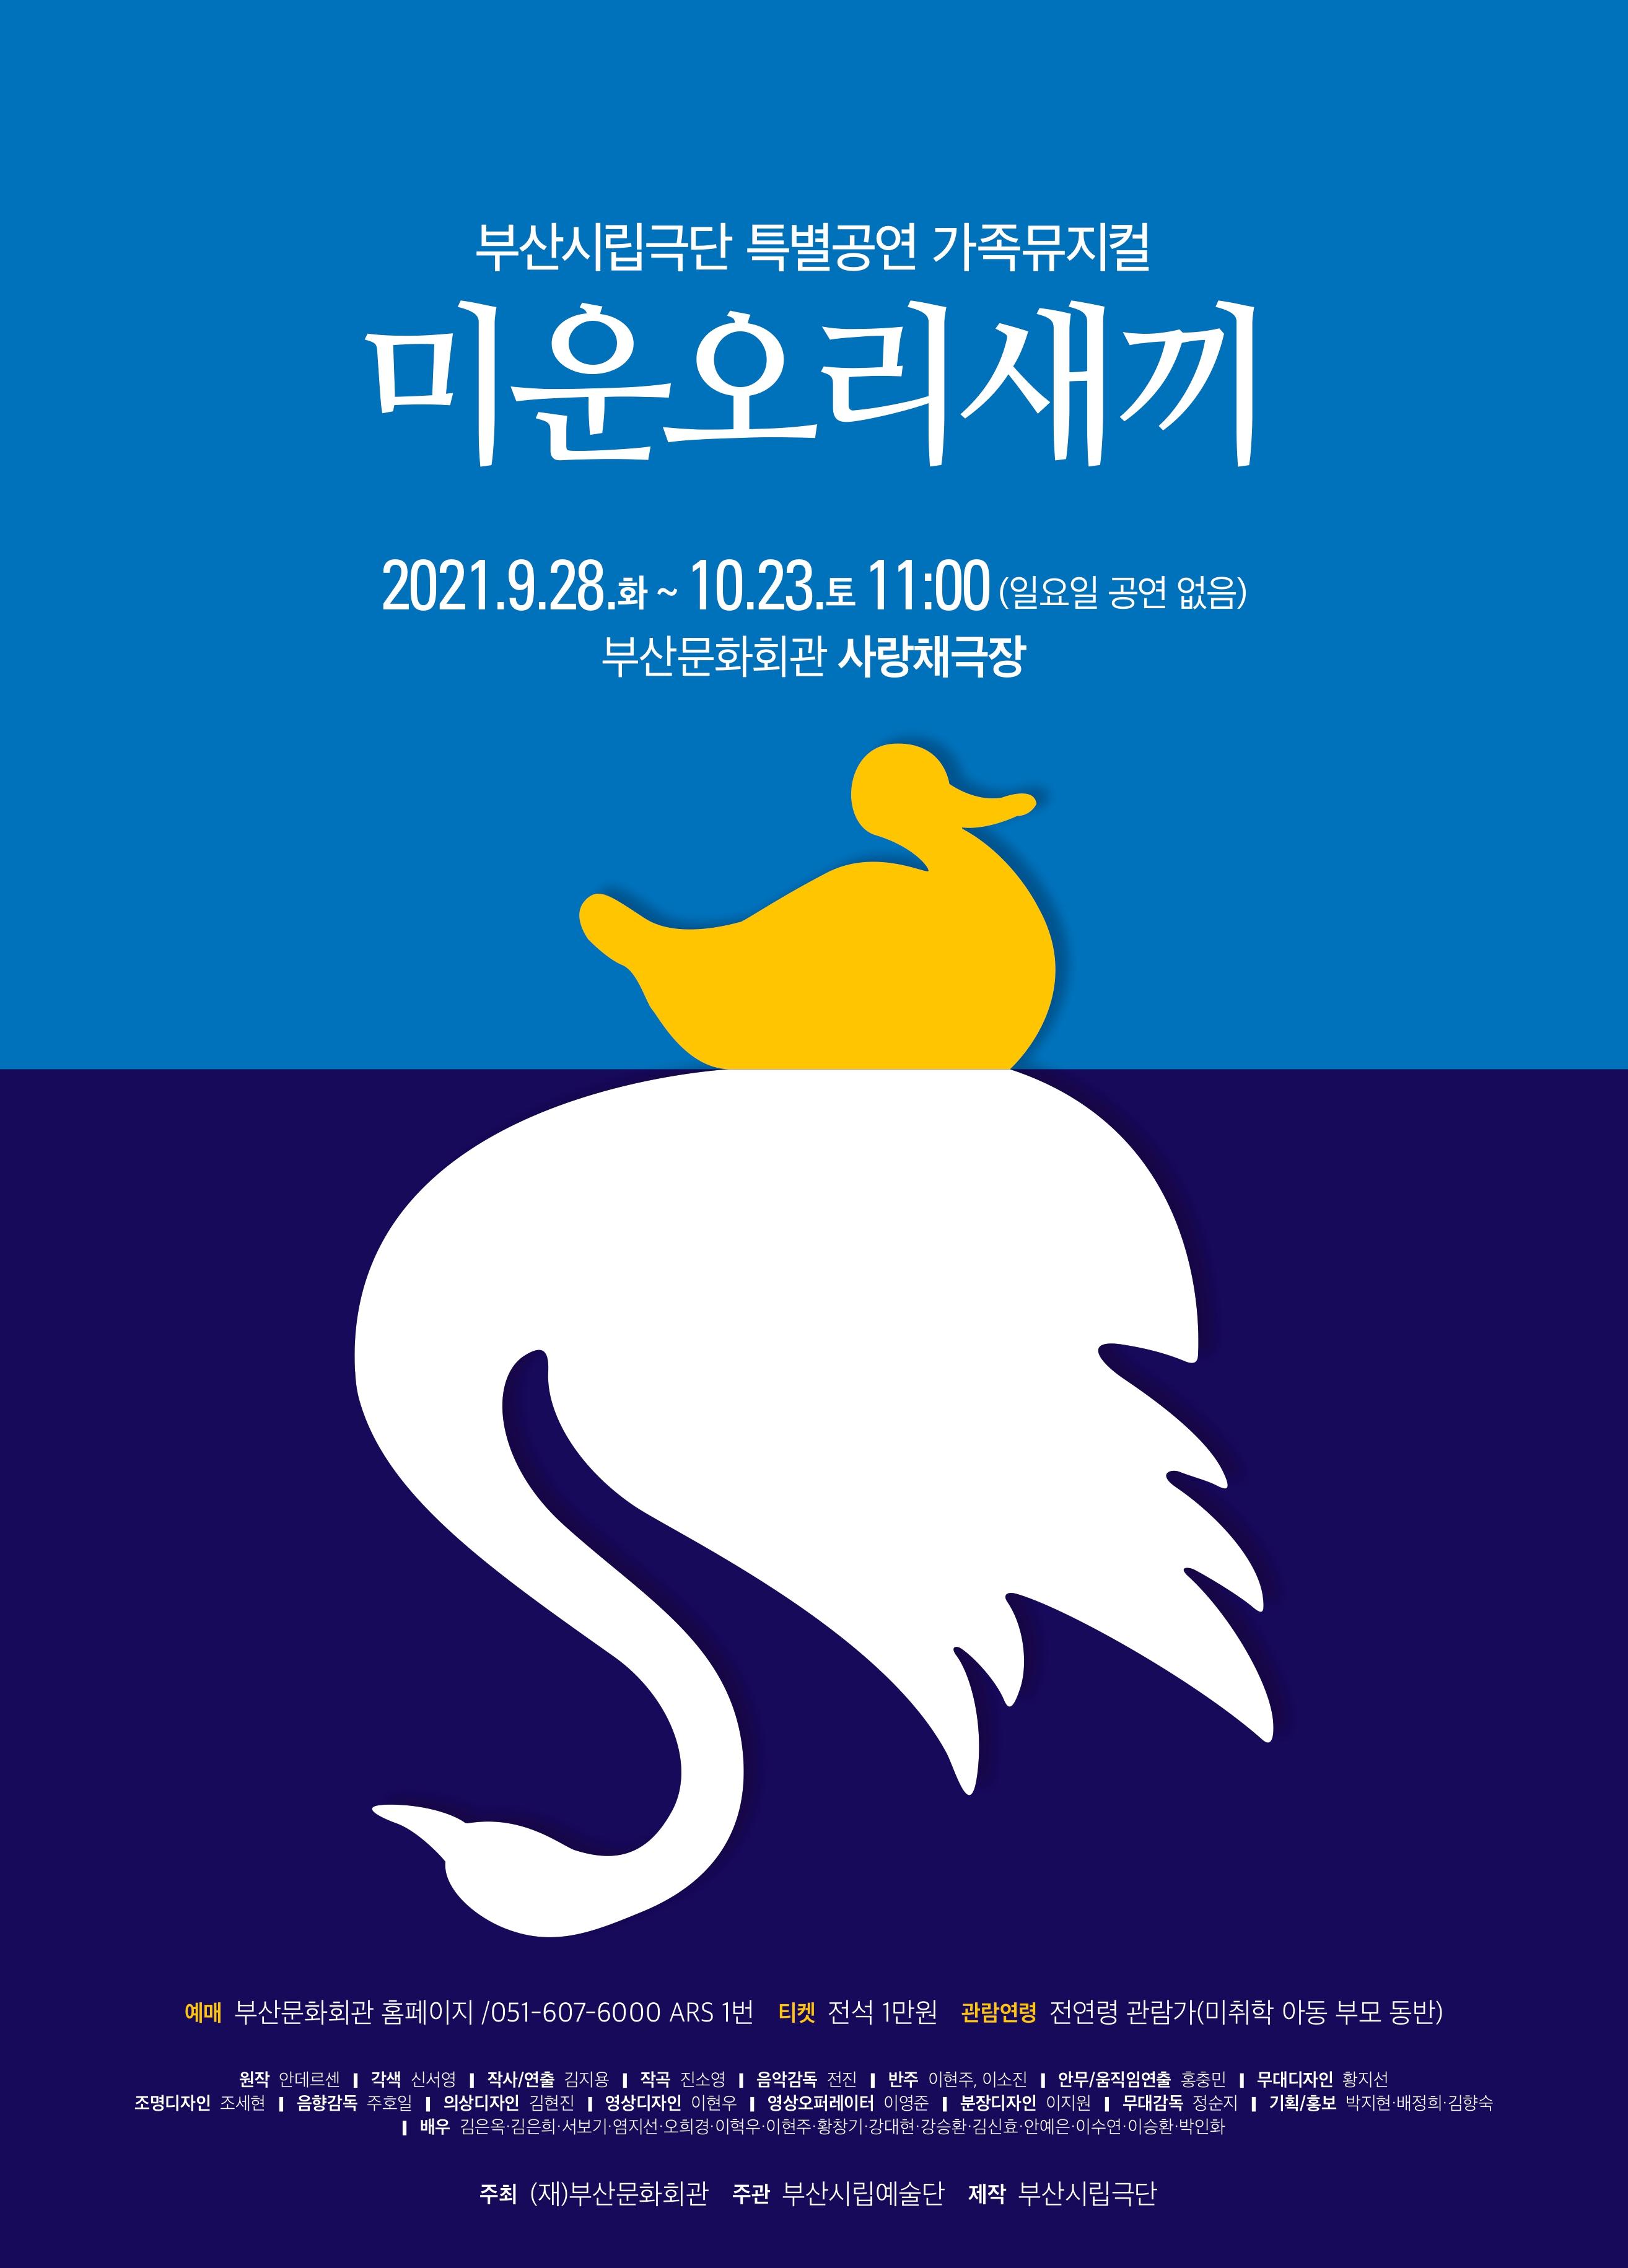 부산시립극단 특별공연 '미운오리새끼'